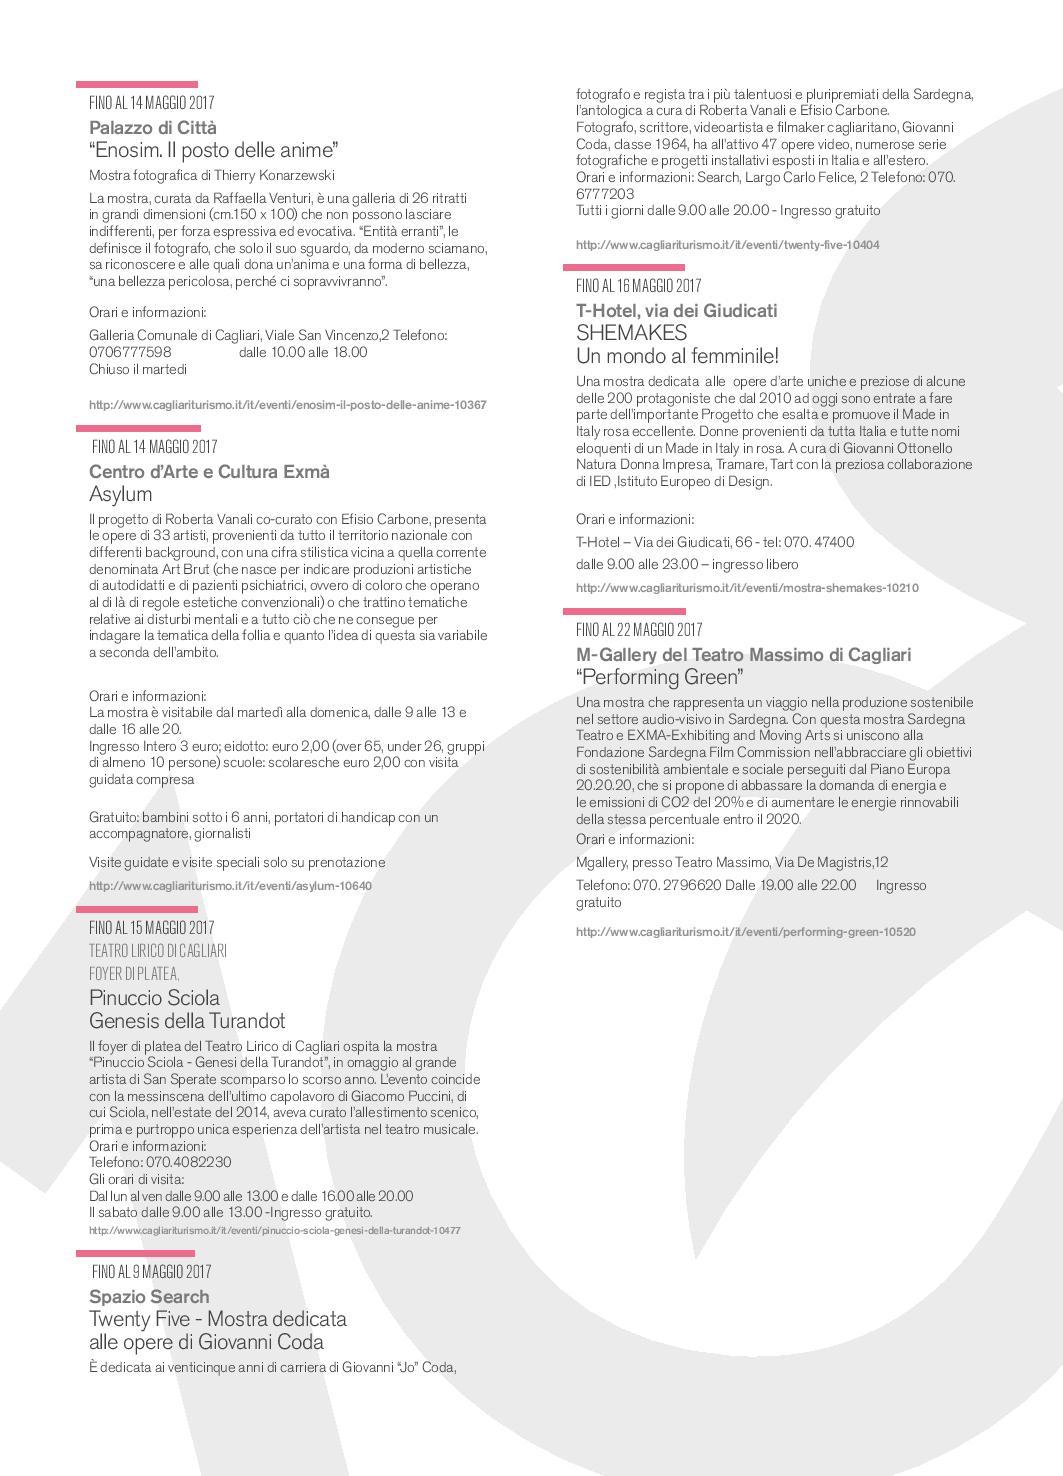 Programma eevnti collatterali Cagliari-page-004